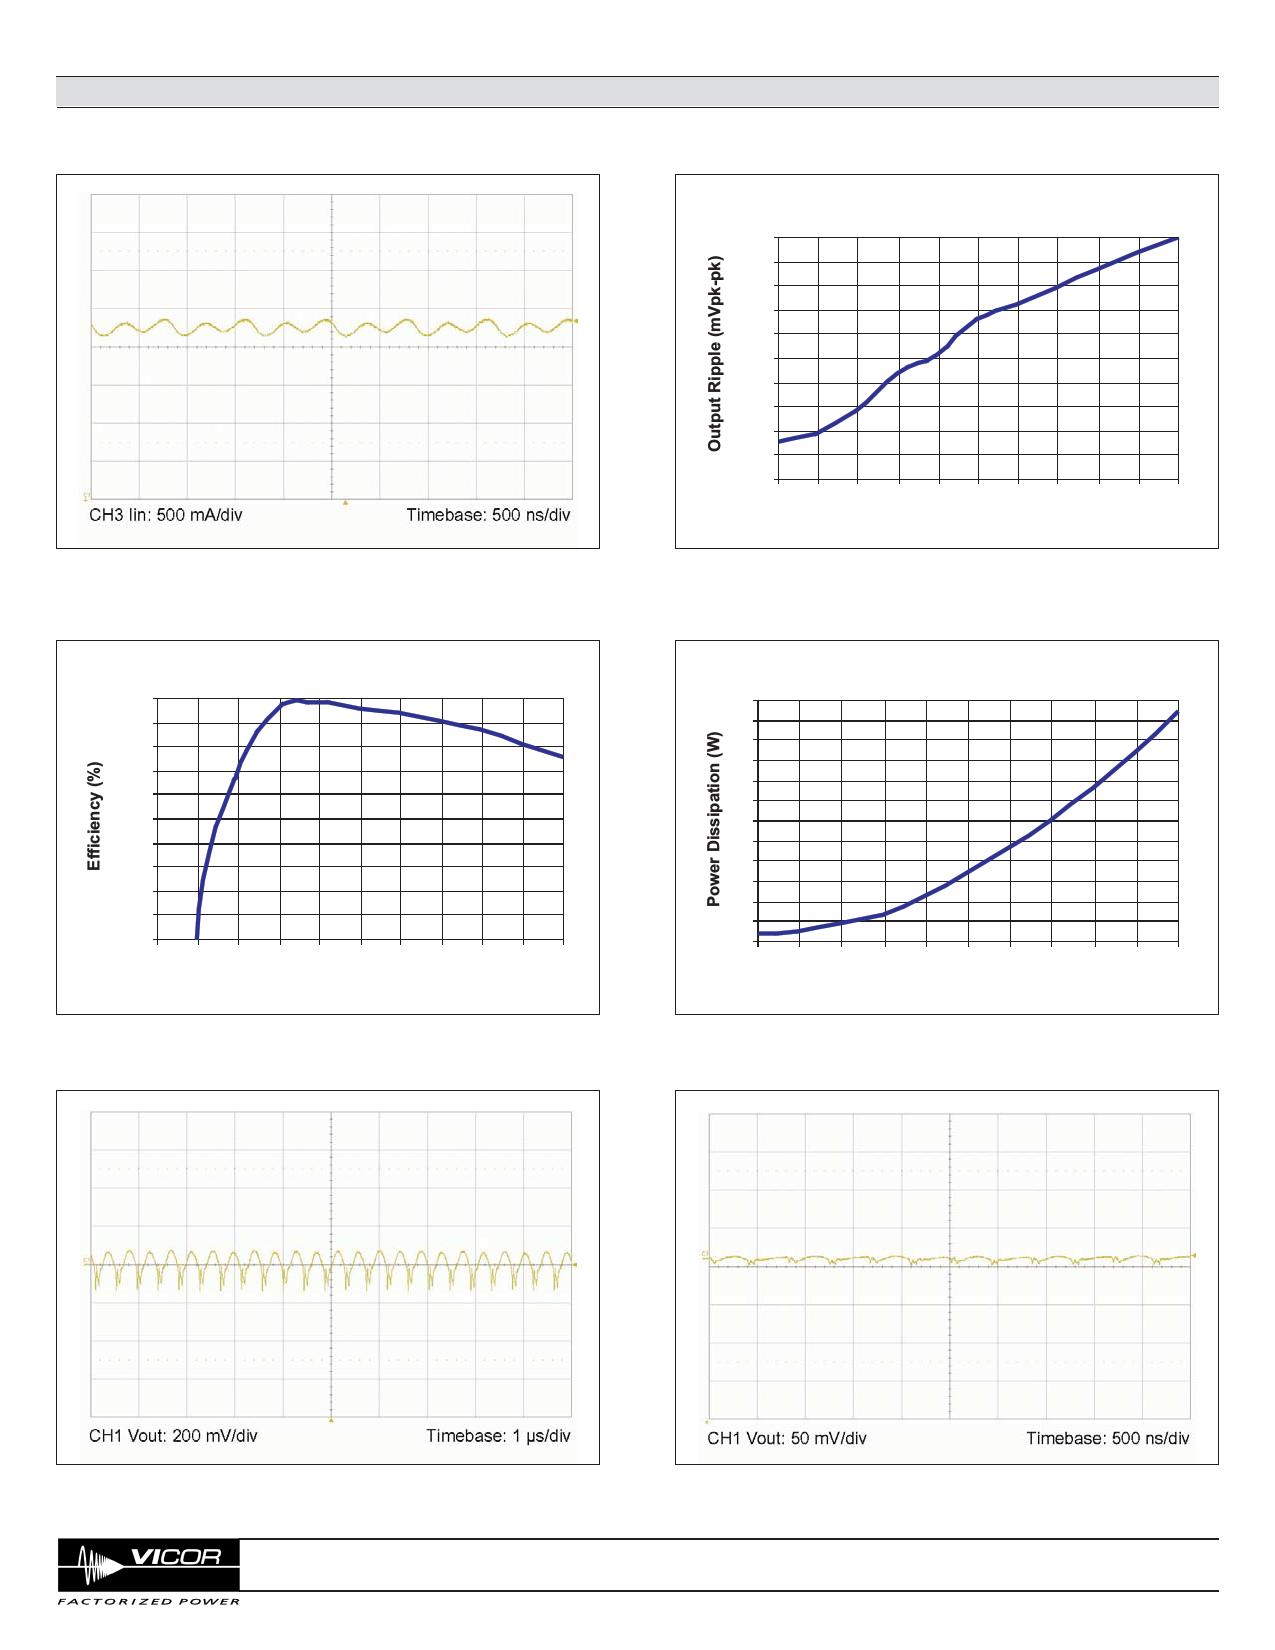 V048F060M040 pdf, 電子部品, 半導体, ピン配列